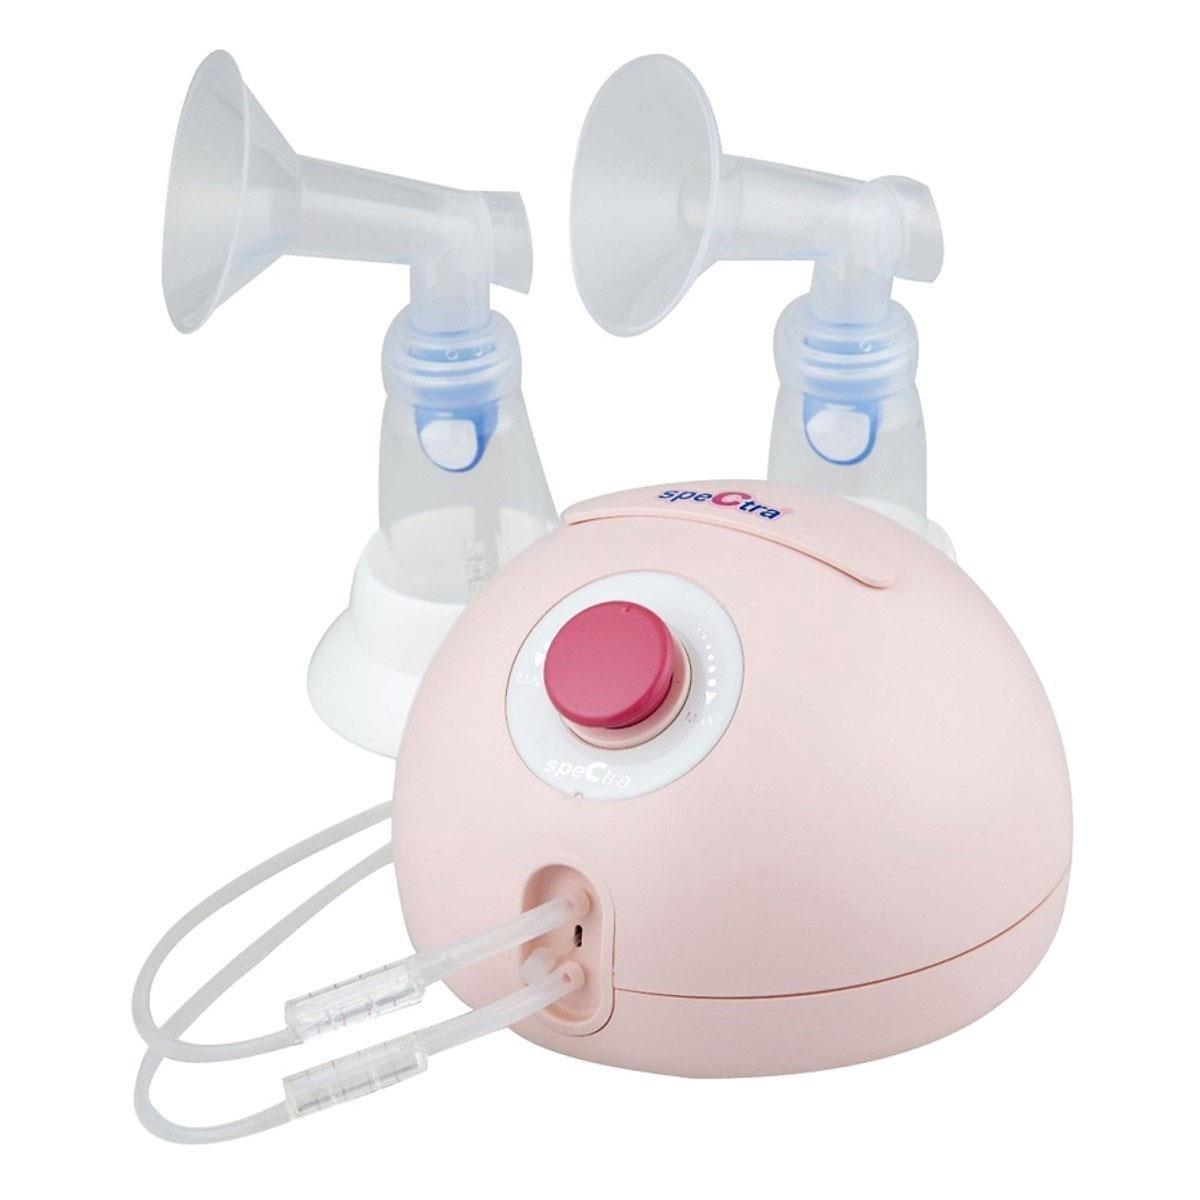 Máy hút sữa điện đôi Spectra Dew-350